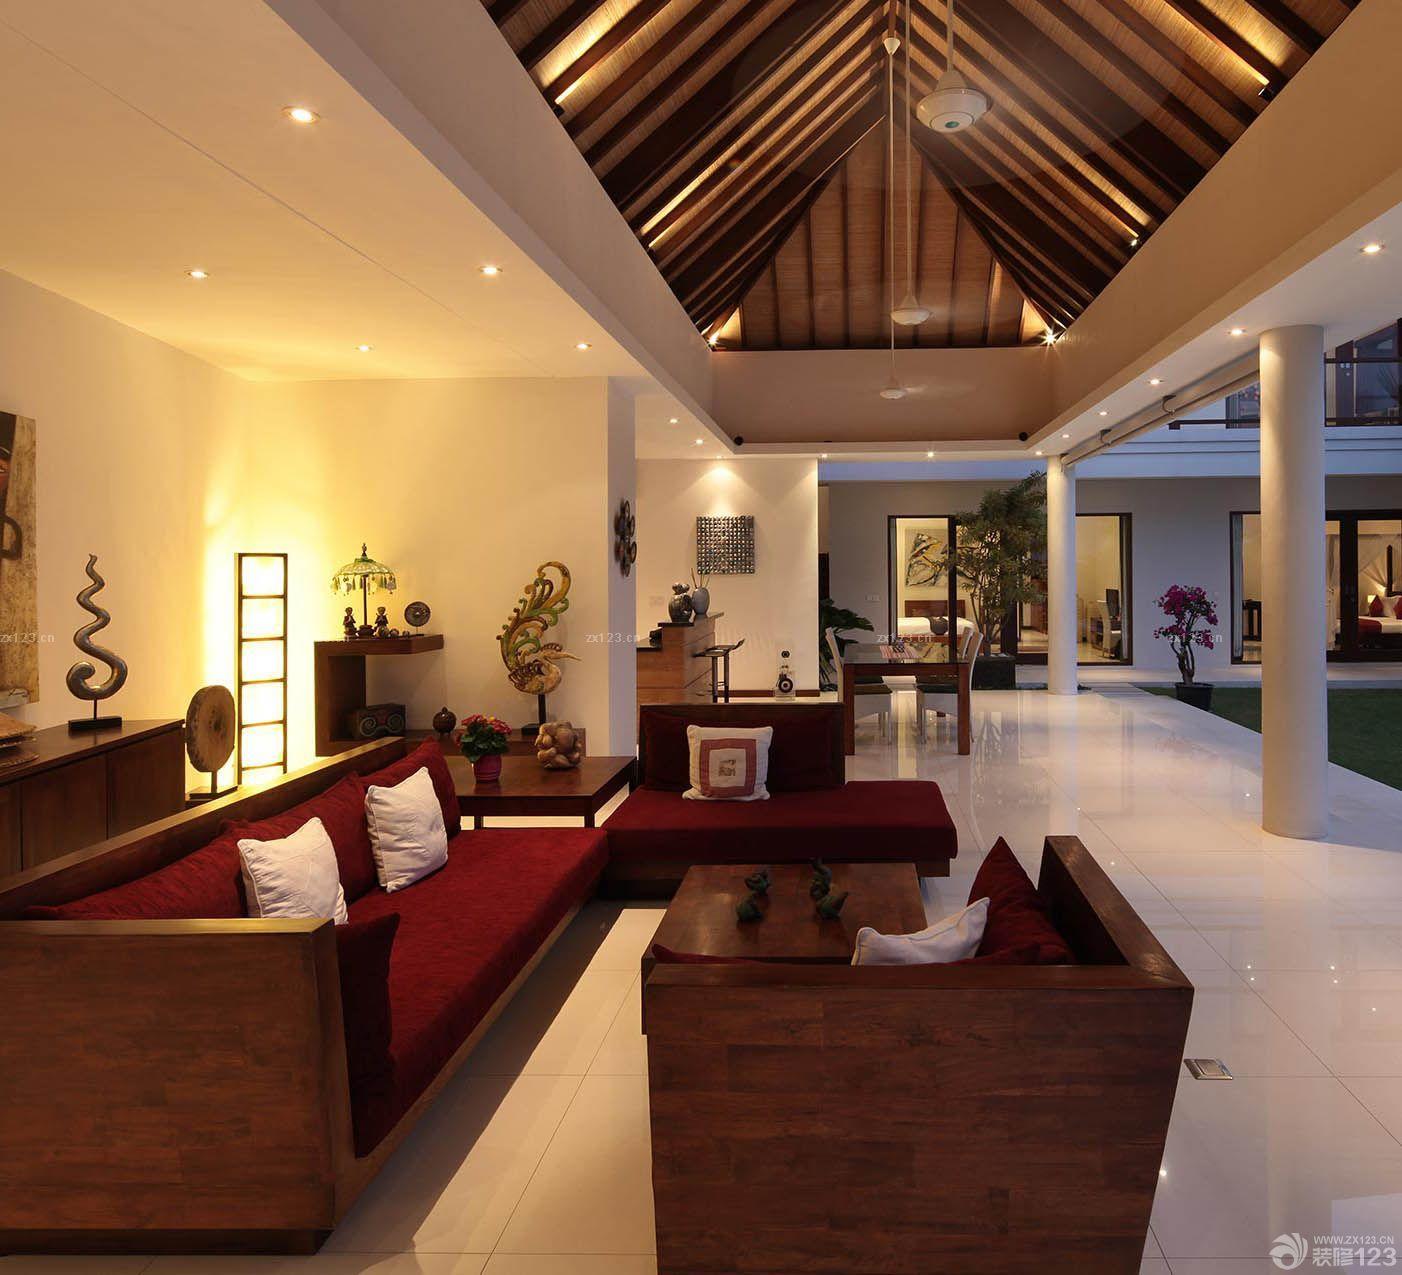 2015高级别墅室内装修装潢效果图大全 设计456装修效果图